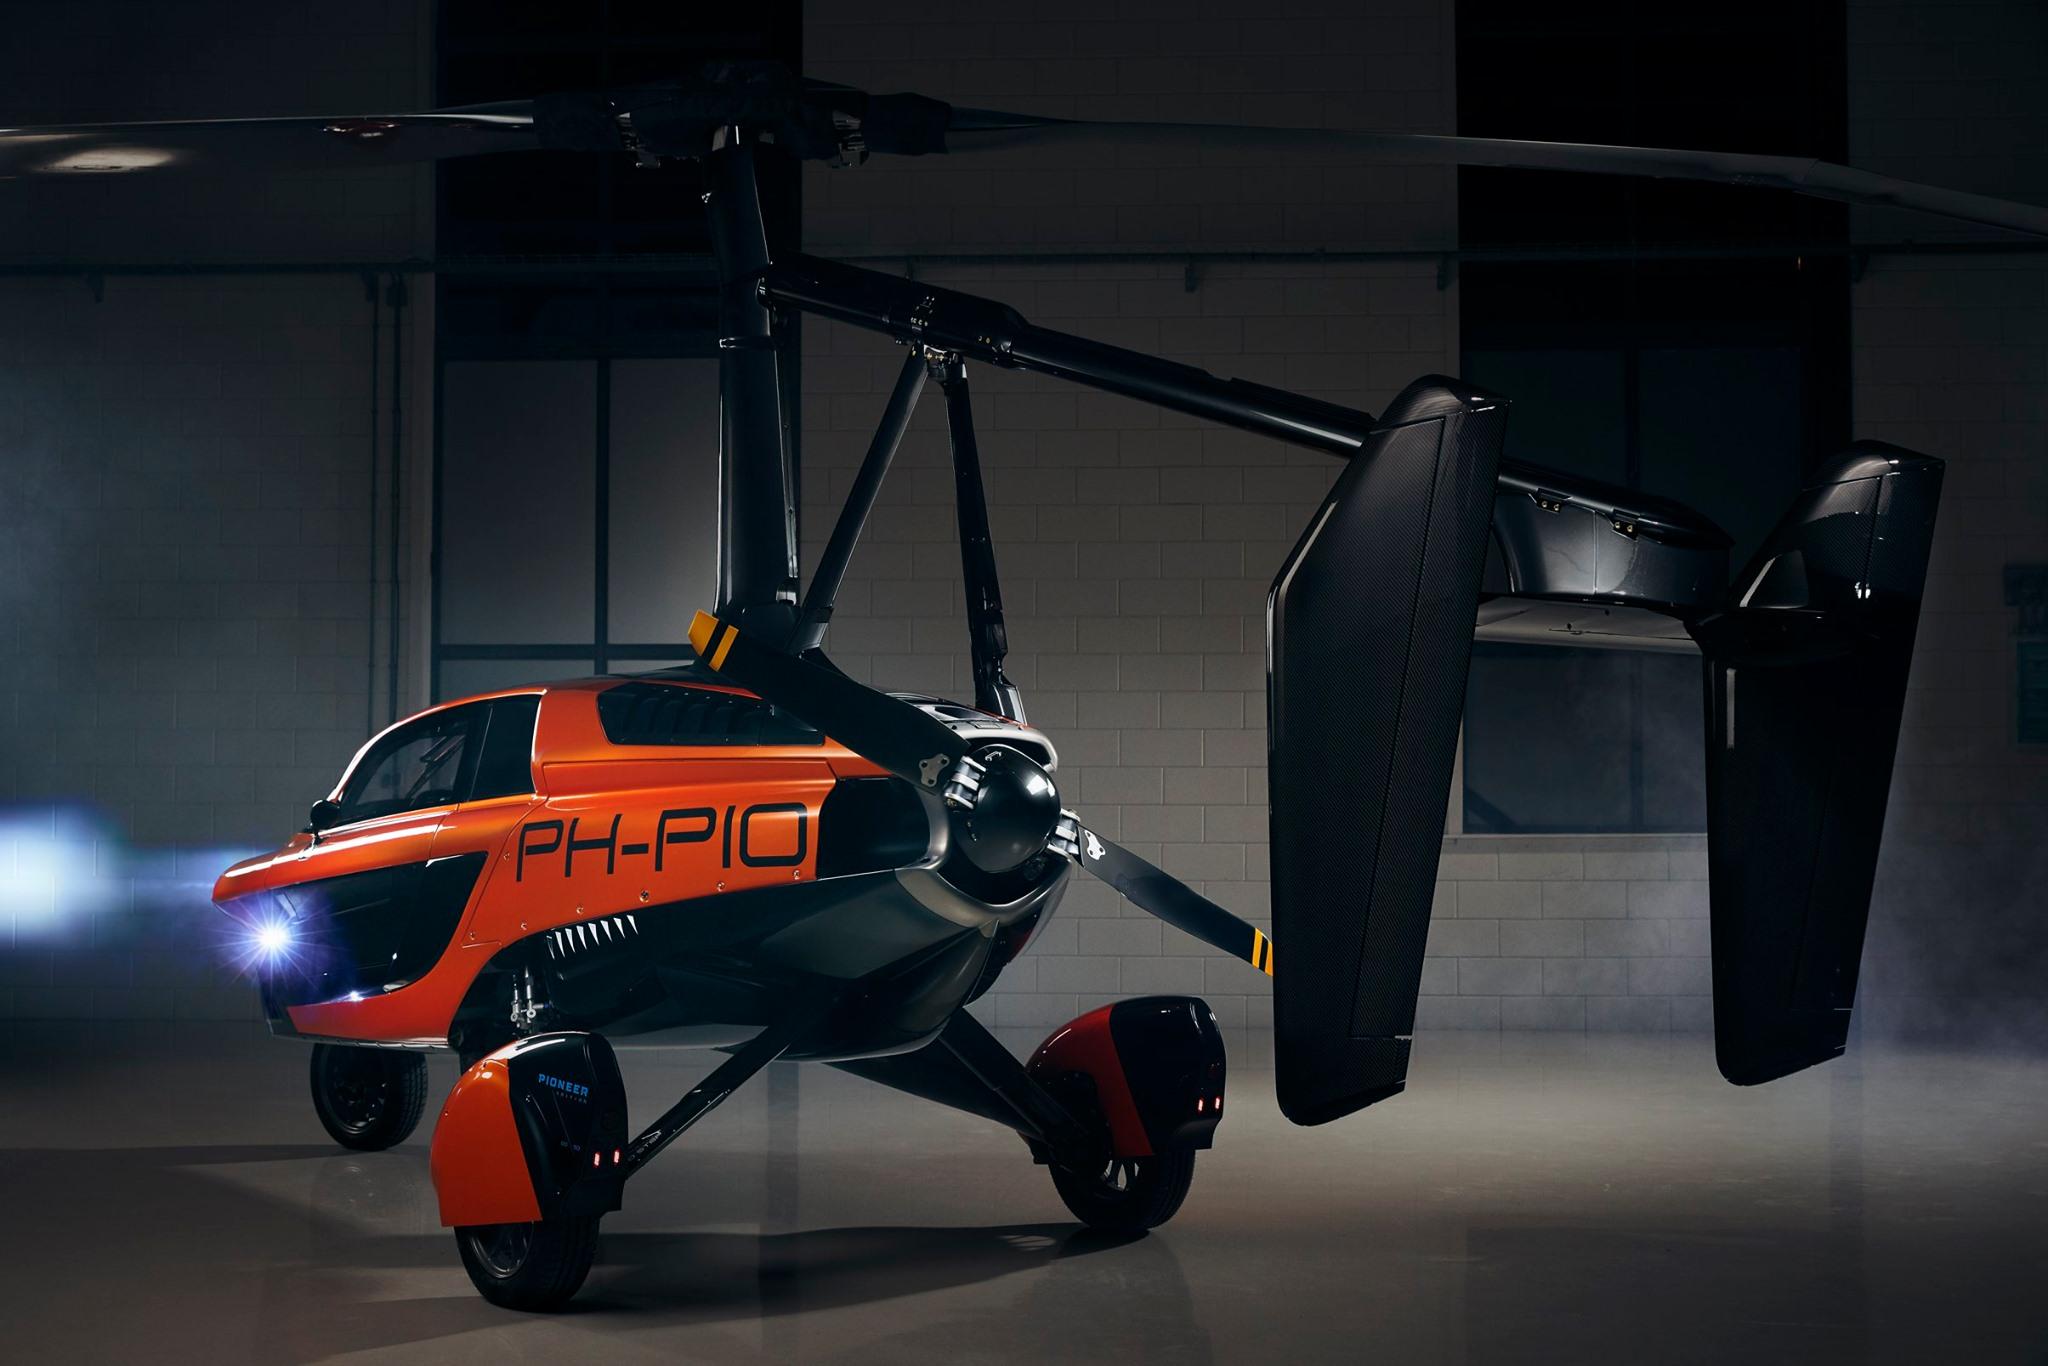 یک ماشین پرنده سه چرخ با نام PAL-V Liberty و قیمت 270,000 پوند که در هلند ساخته شده مجوز حرکت در جاده ها را دریافت کرده است.